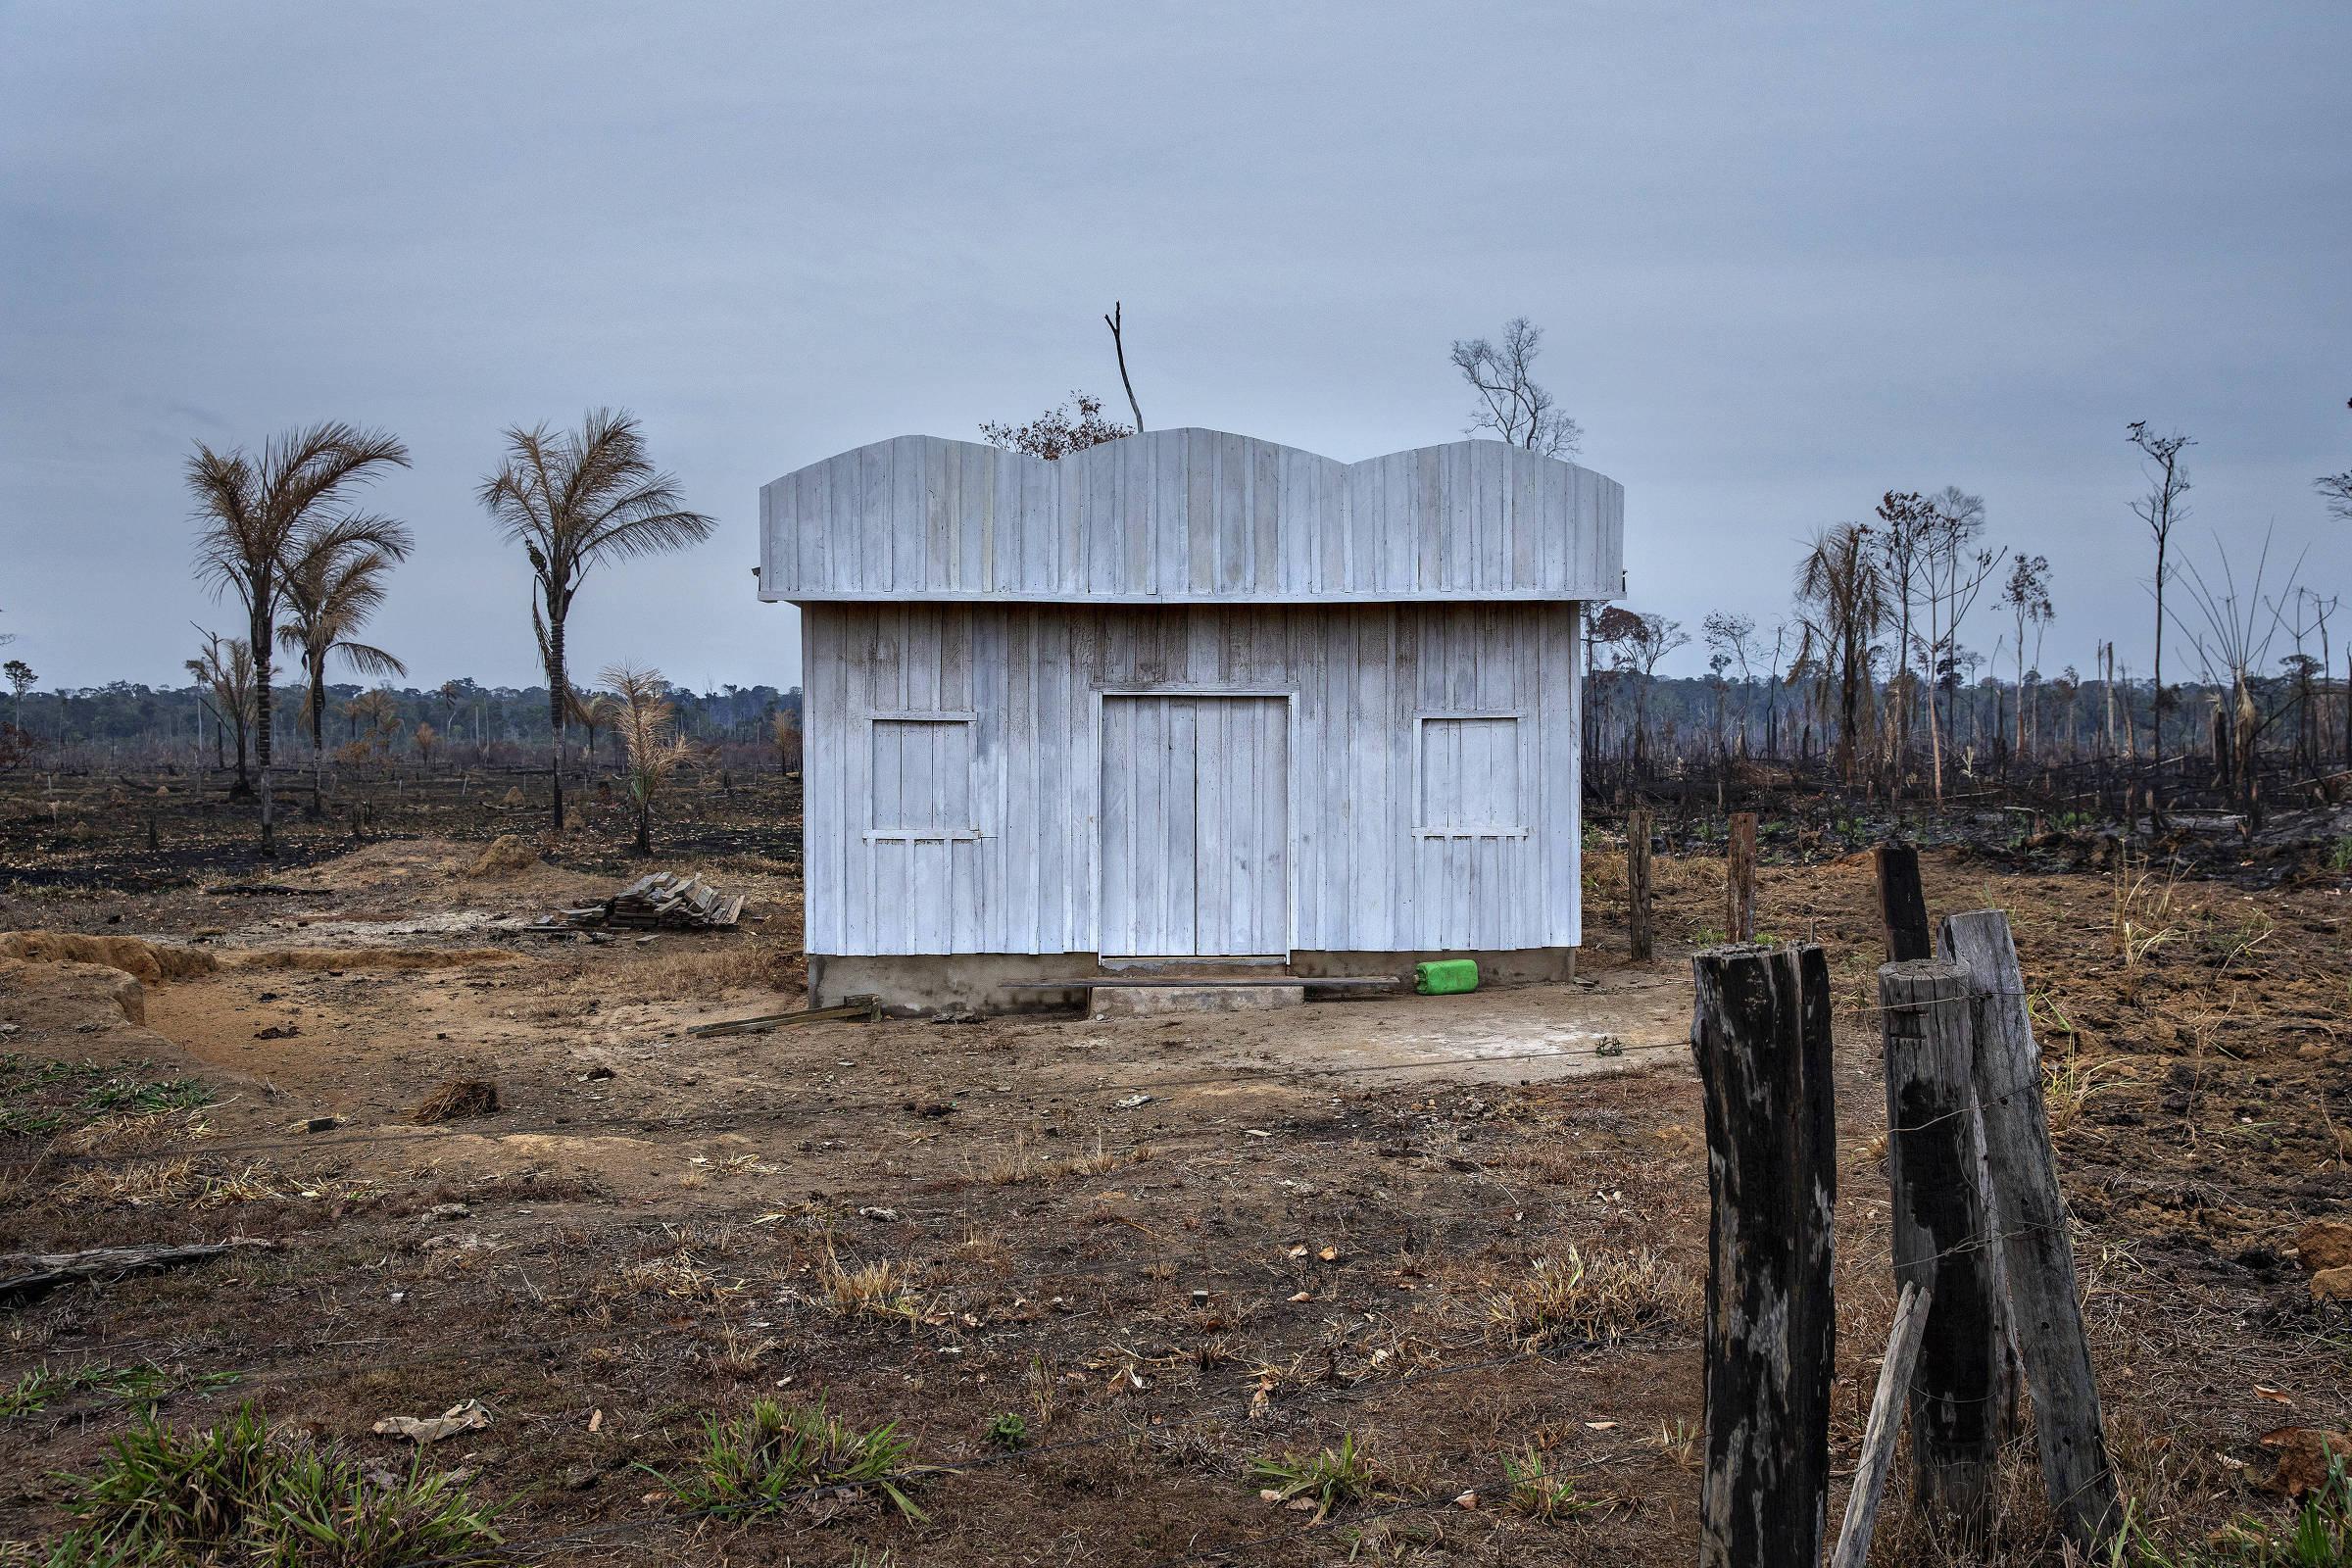 Igreja evangélica em construção na área da APA (área de proteção ambiental) Rio Pardo, em Rondônia